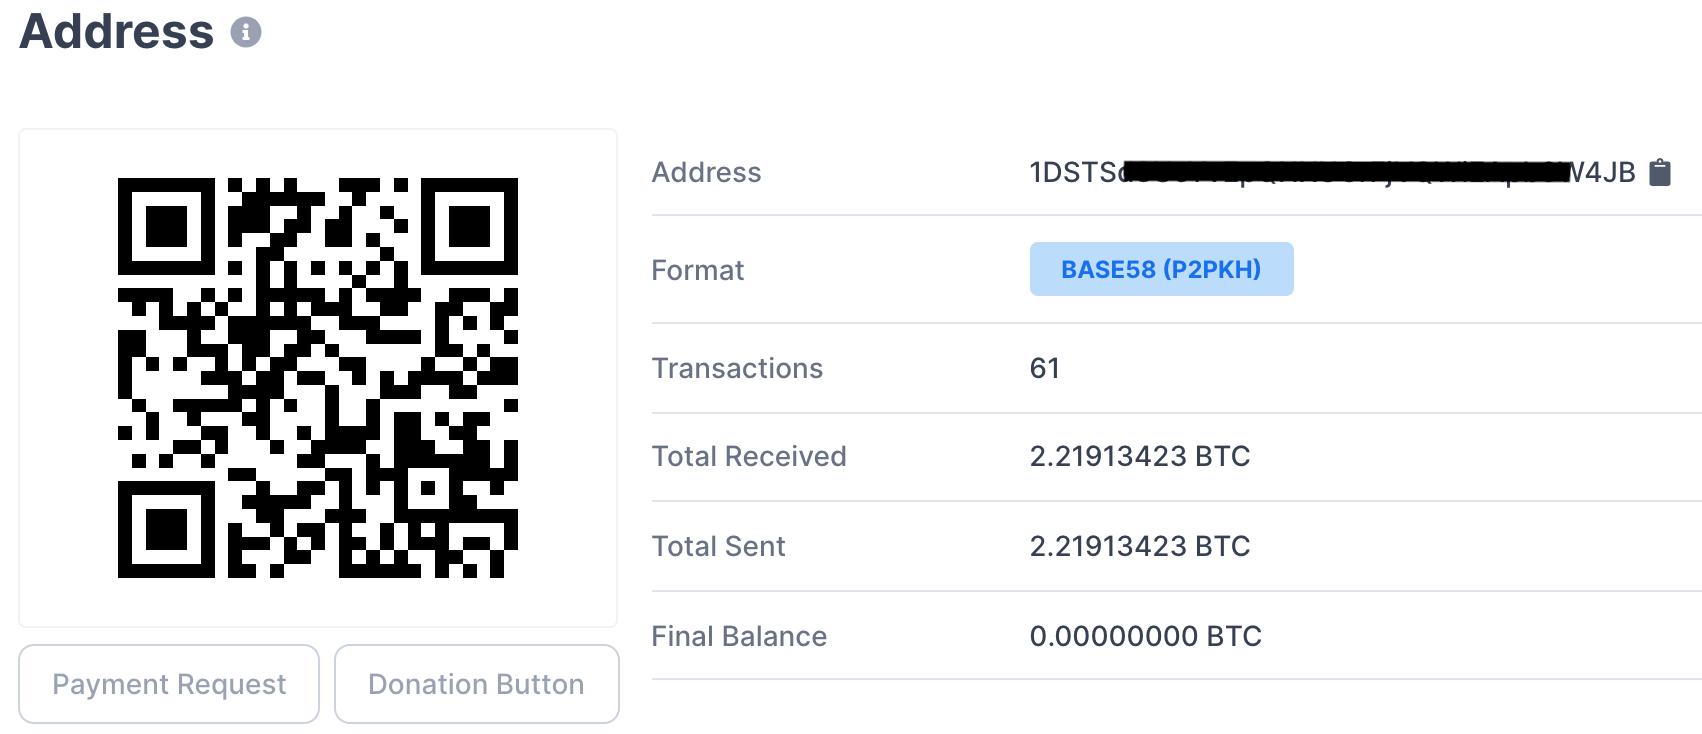 Биткоин-кошелек, на который неизвестные предлагают отправить криптовалюту